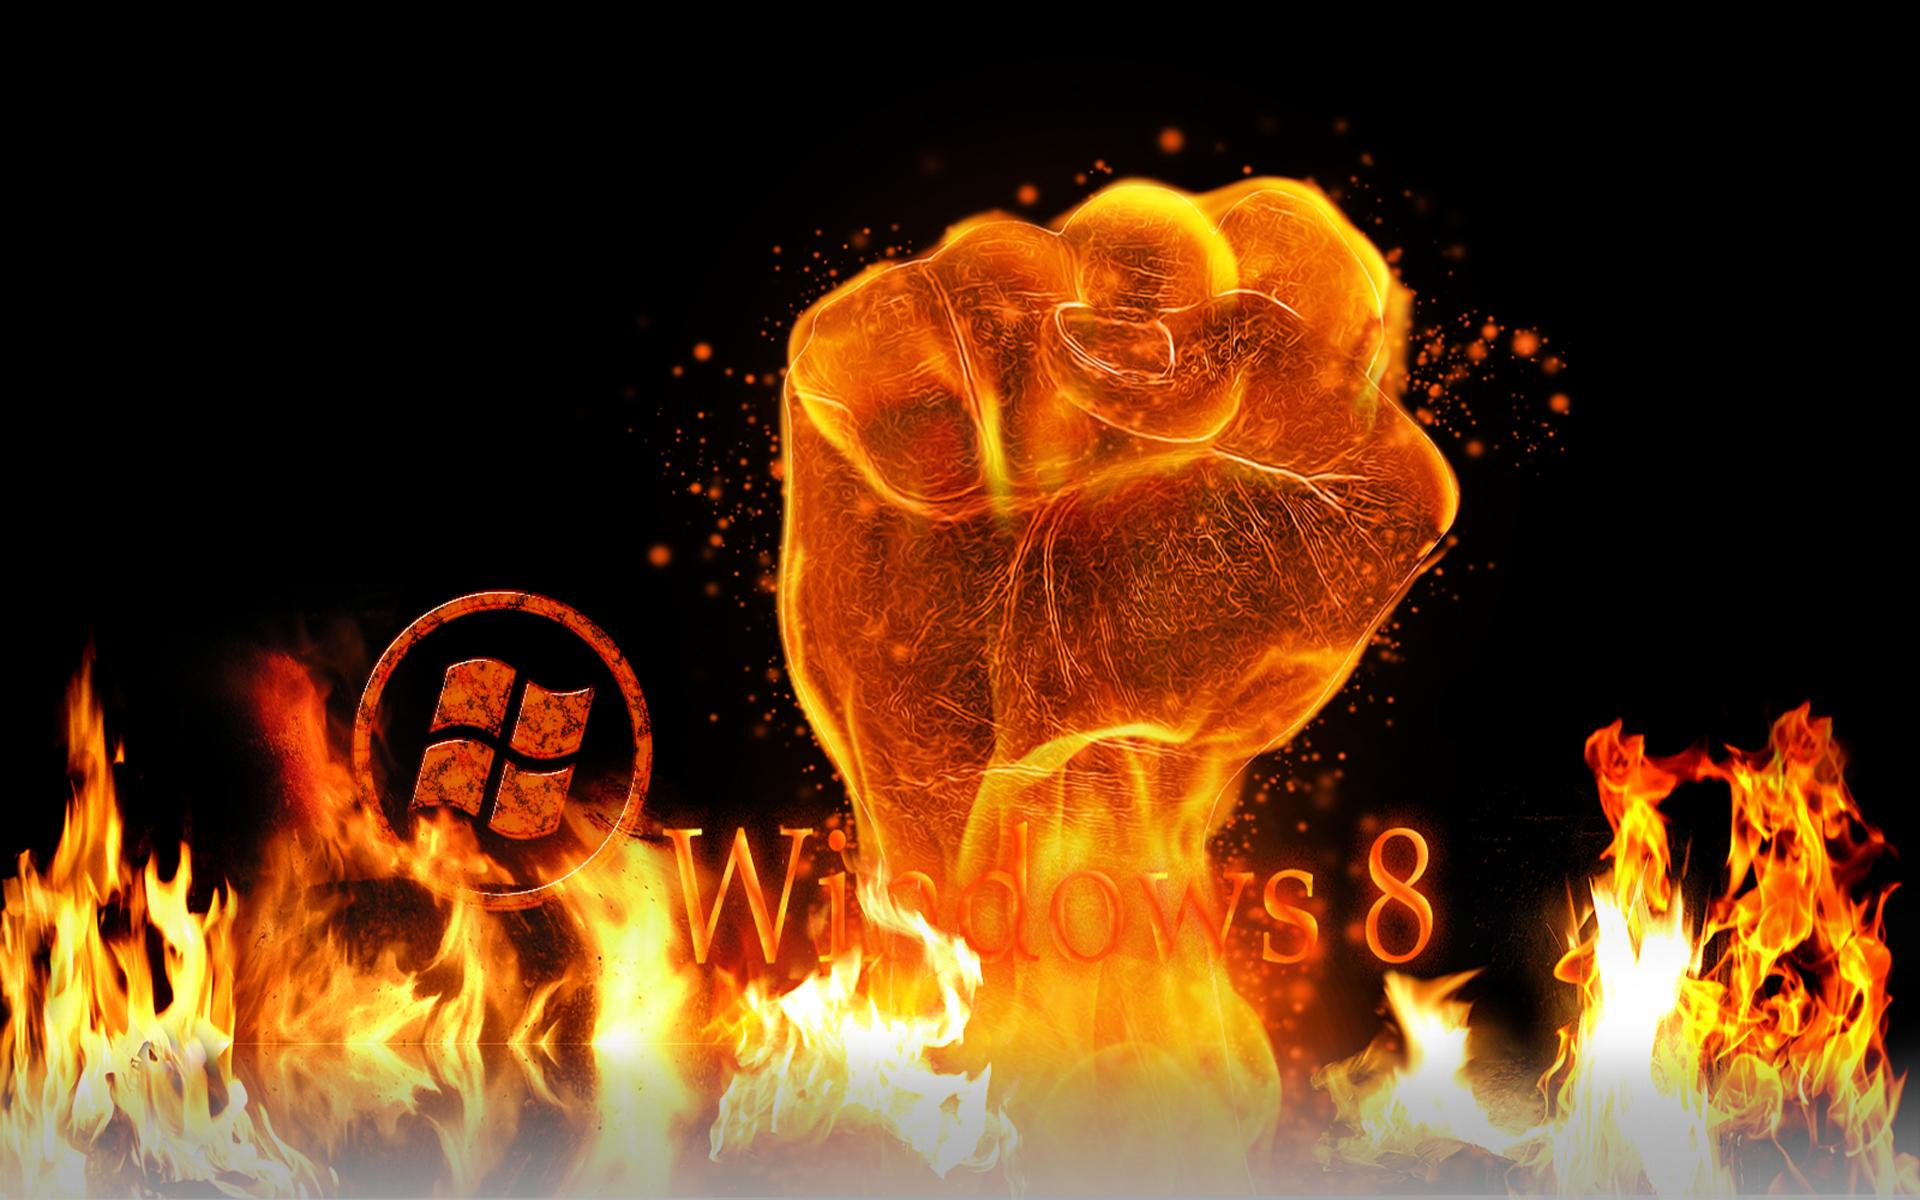 Eight Rolls Of Four Free Fire Wallpaper: Win 8 Fire Wallpaper By Kubines On DeviantArt